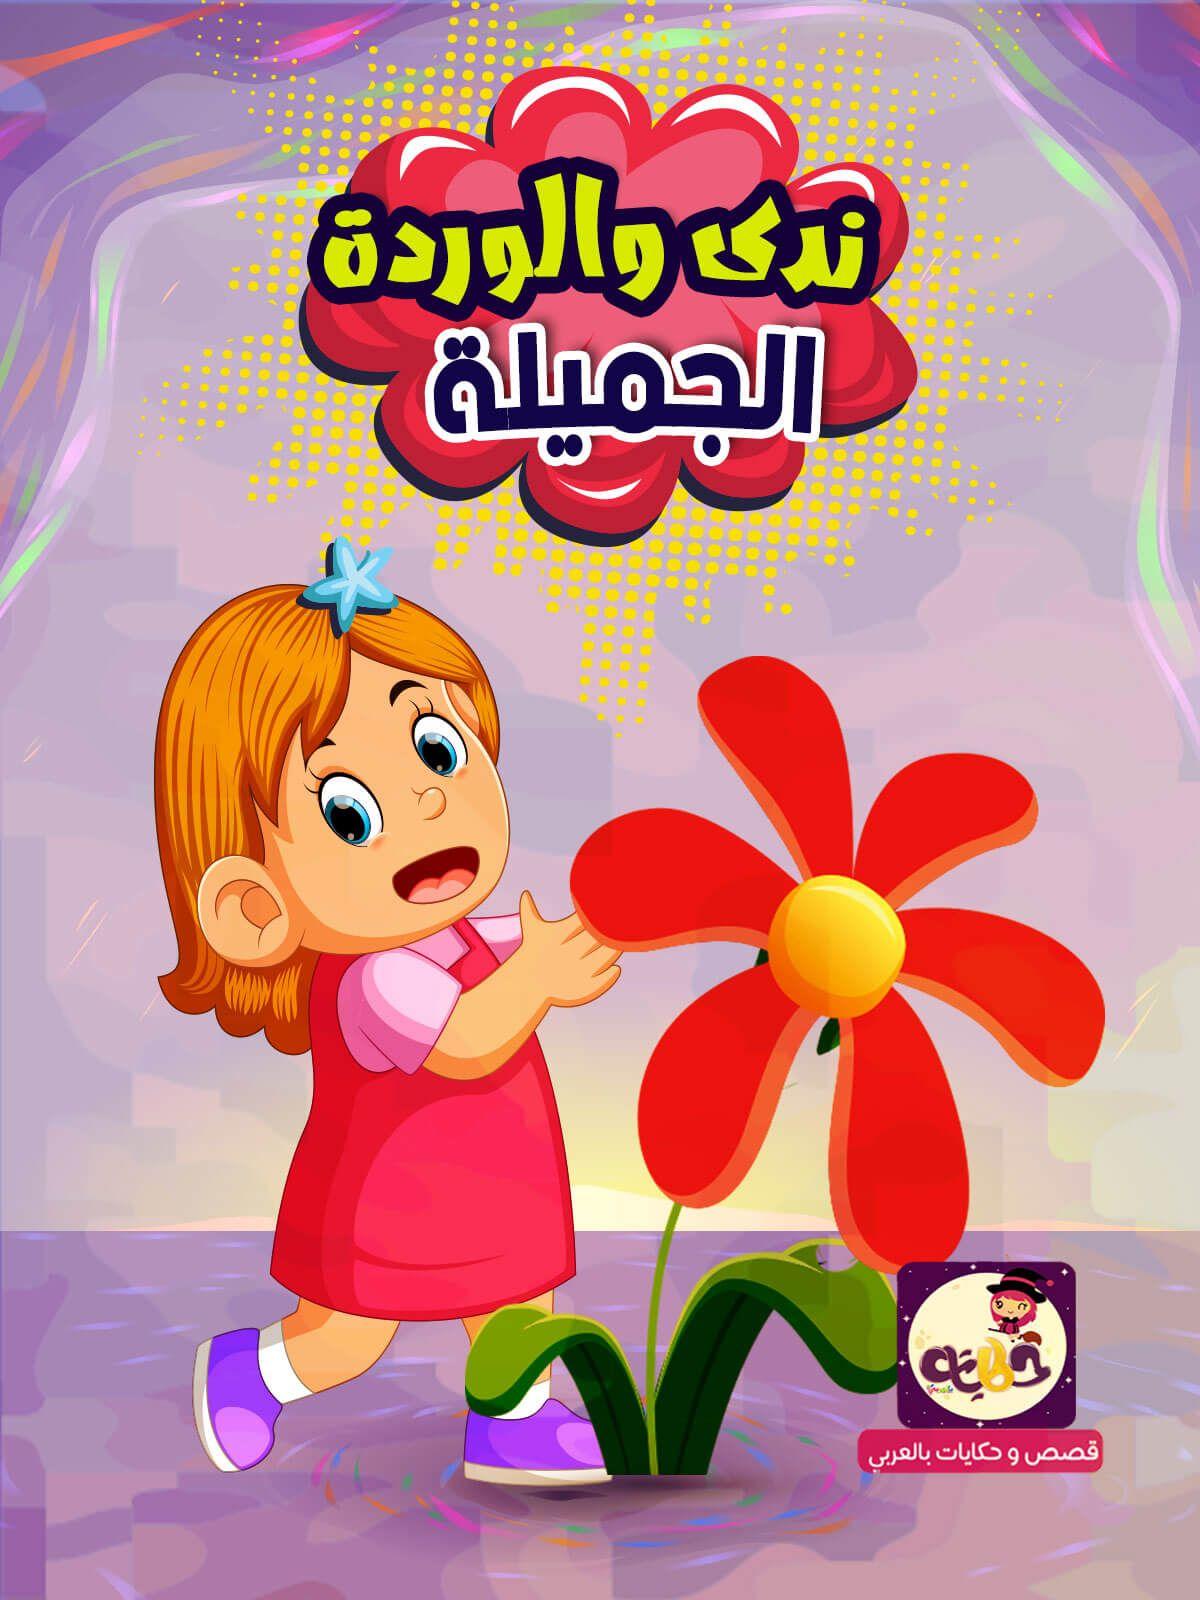 قصة عن فصل الربيع للاطفال بالصور قصة ندى والوردة الجميلة بتطبيق قصص وحكايات بالعربي Seed Art Mario Characters Character